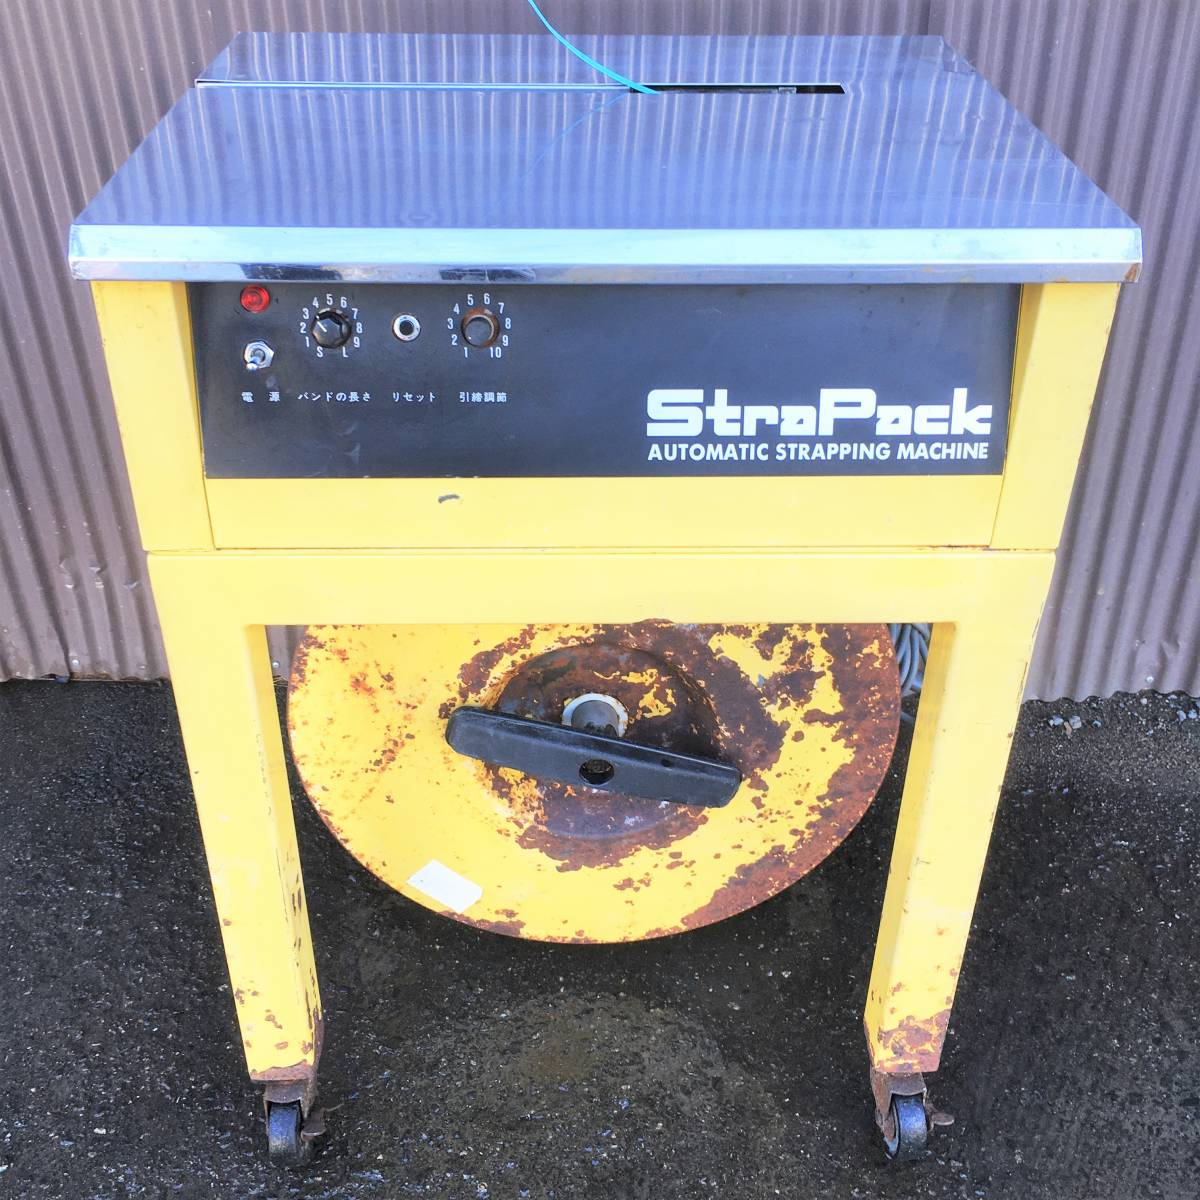 ストラパック/半自動梱包機/バンド結束機/S-662A/PPバンド付/キャスター付き可動式/梱包作業/StraPack/倉庫内_画像3